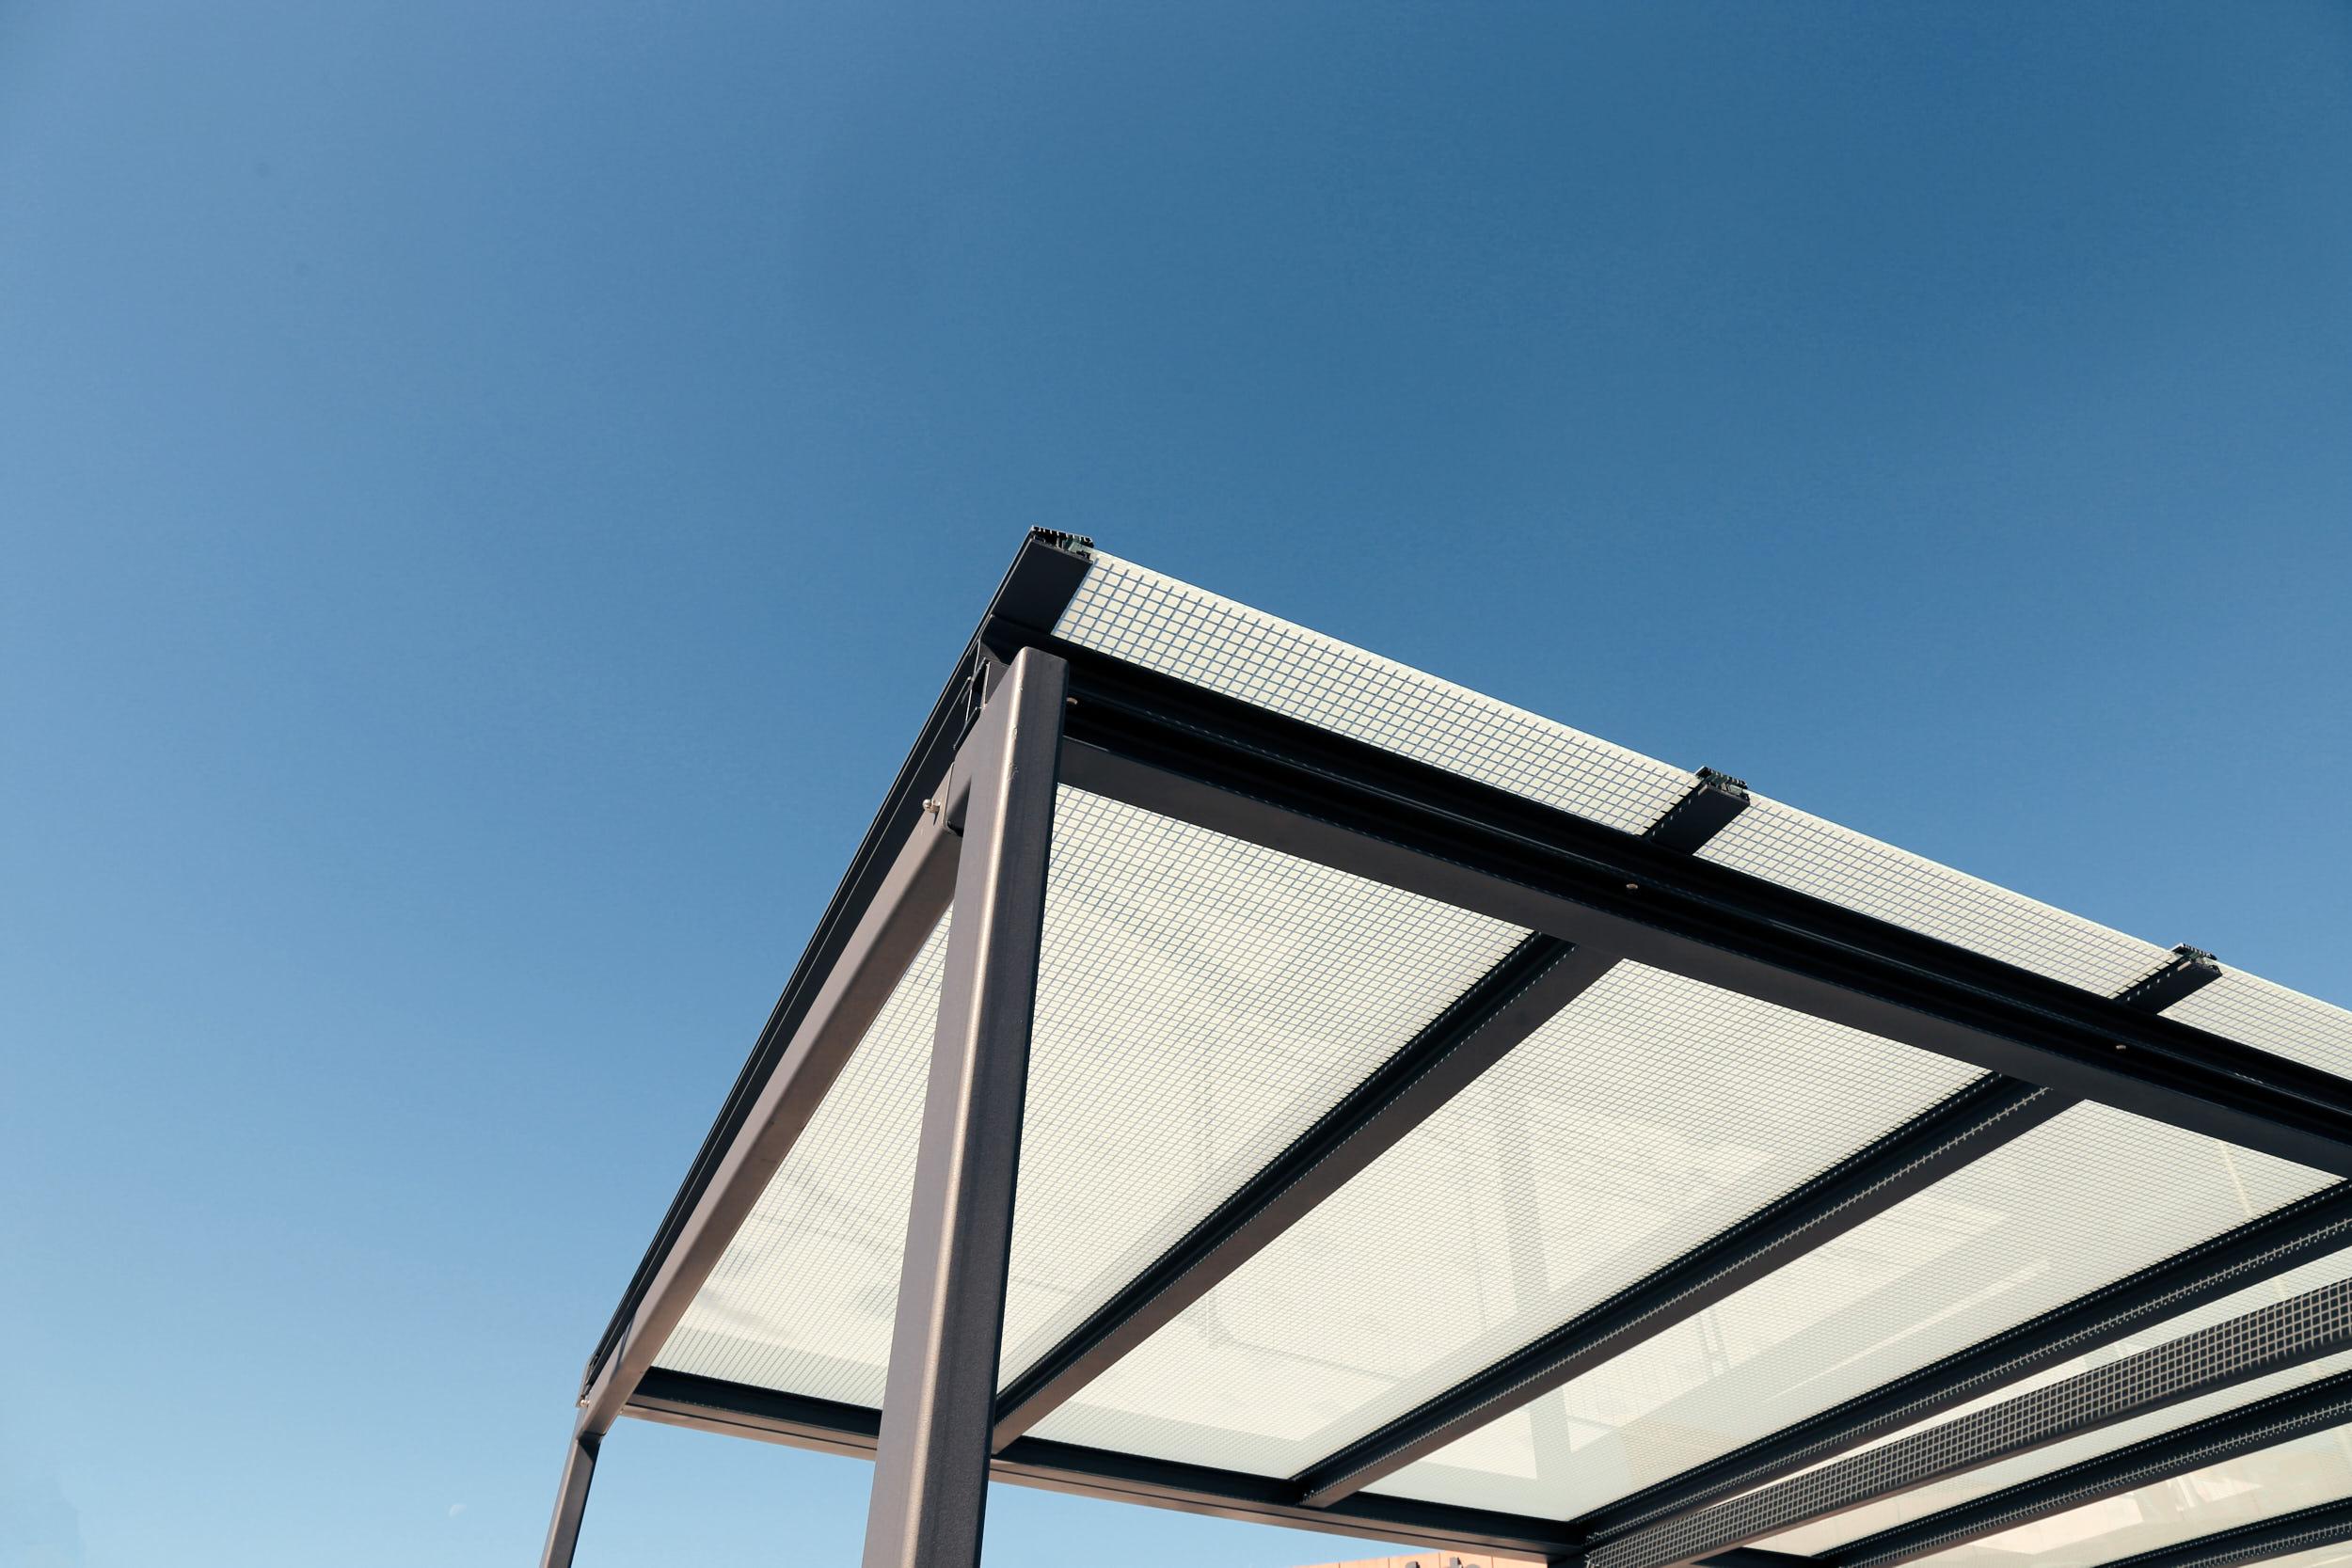 Carport mit milchigem Glas und schwarzem Metallgerüst